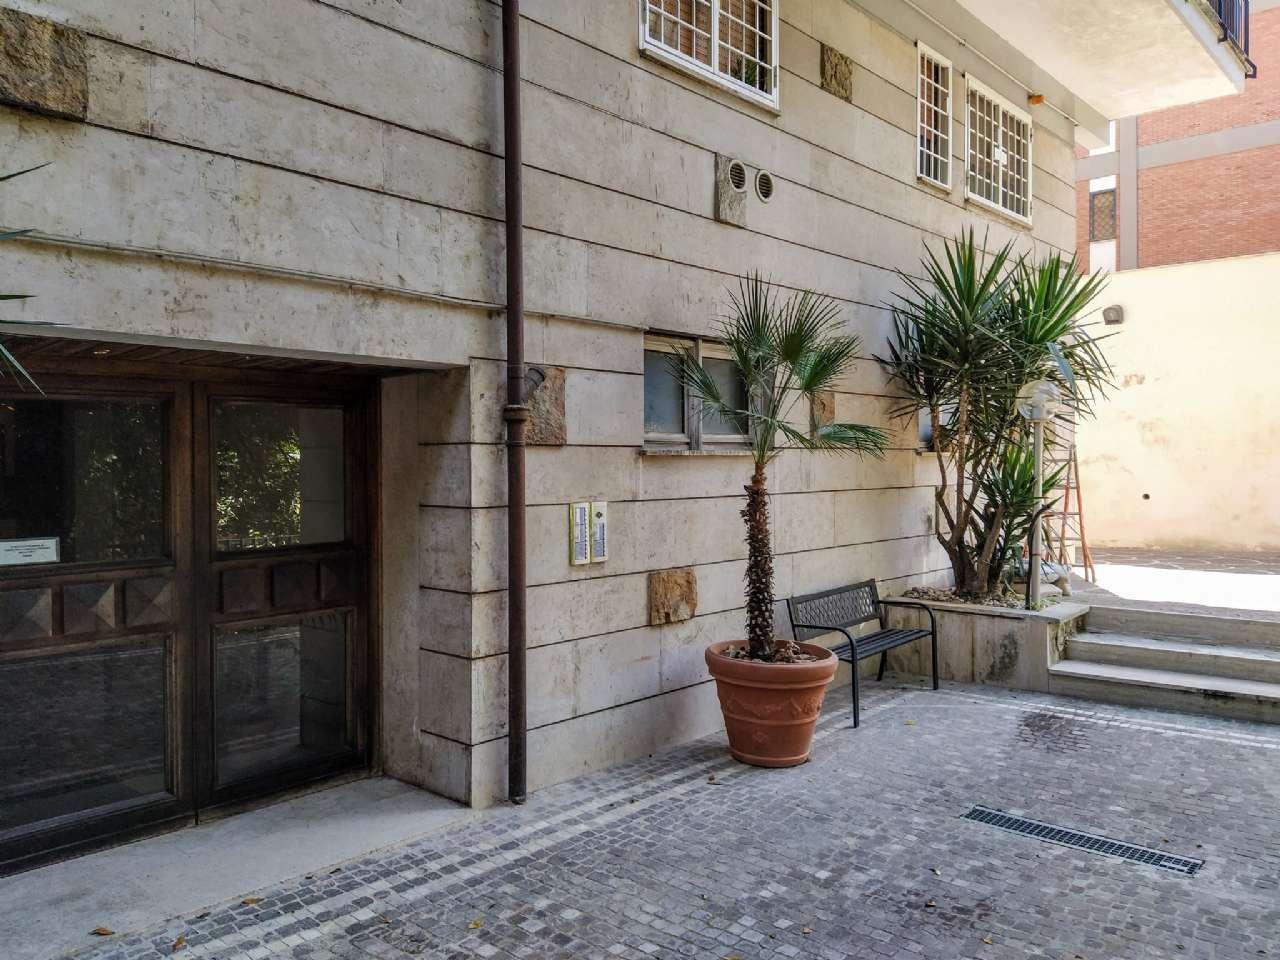 Cortina d'Ampezzo - Via della Mendola - Appartamento con cantina e posto auto, foto 2